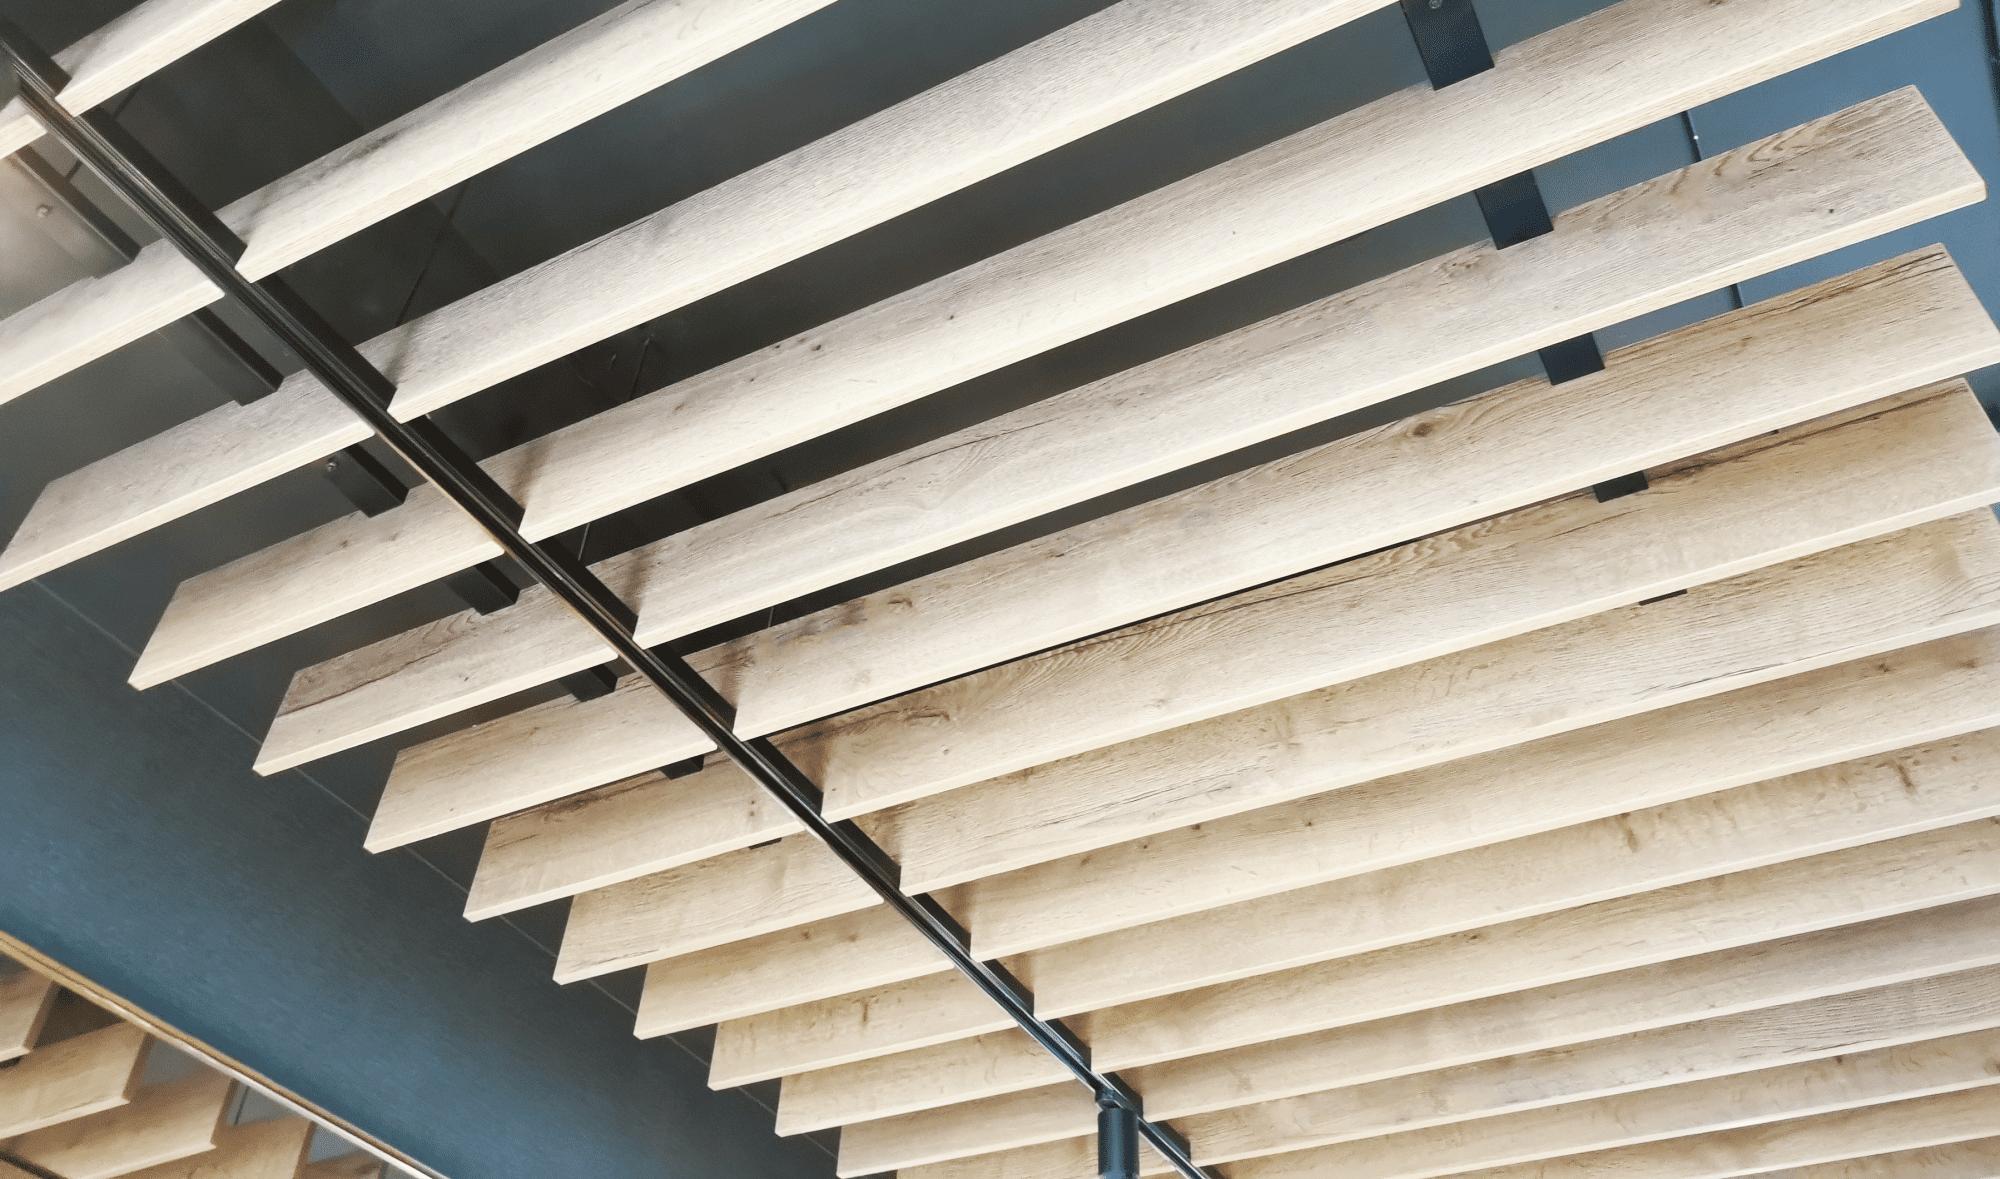 Deskilistwy Drewniane Pionowo Na ścianie Wykańczanie